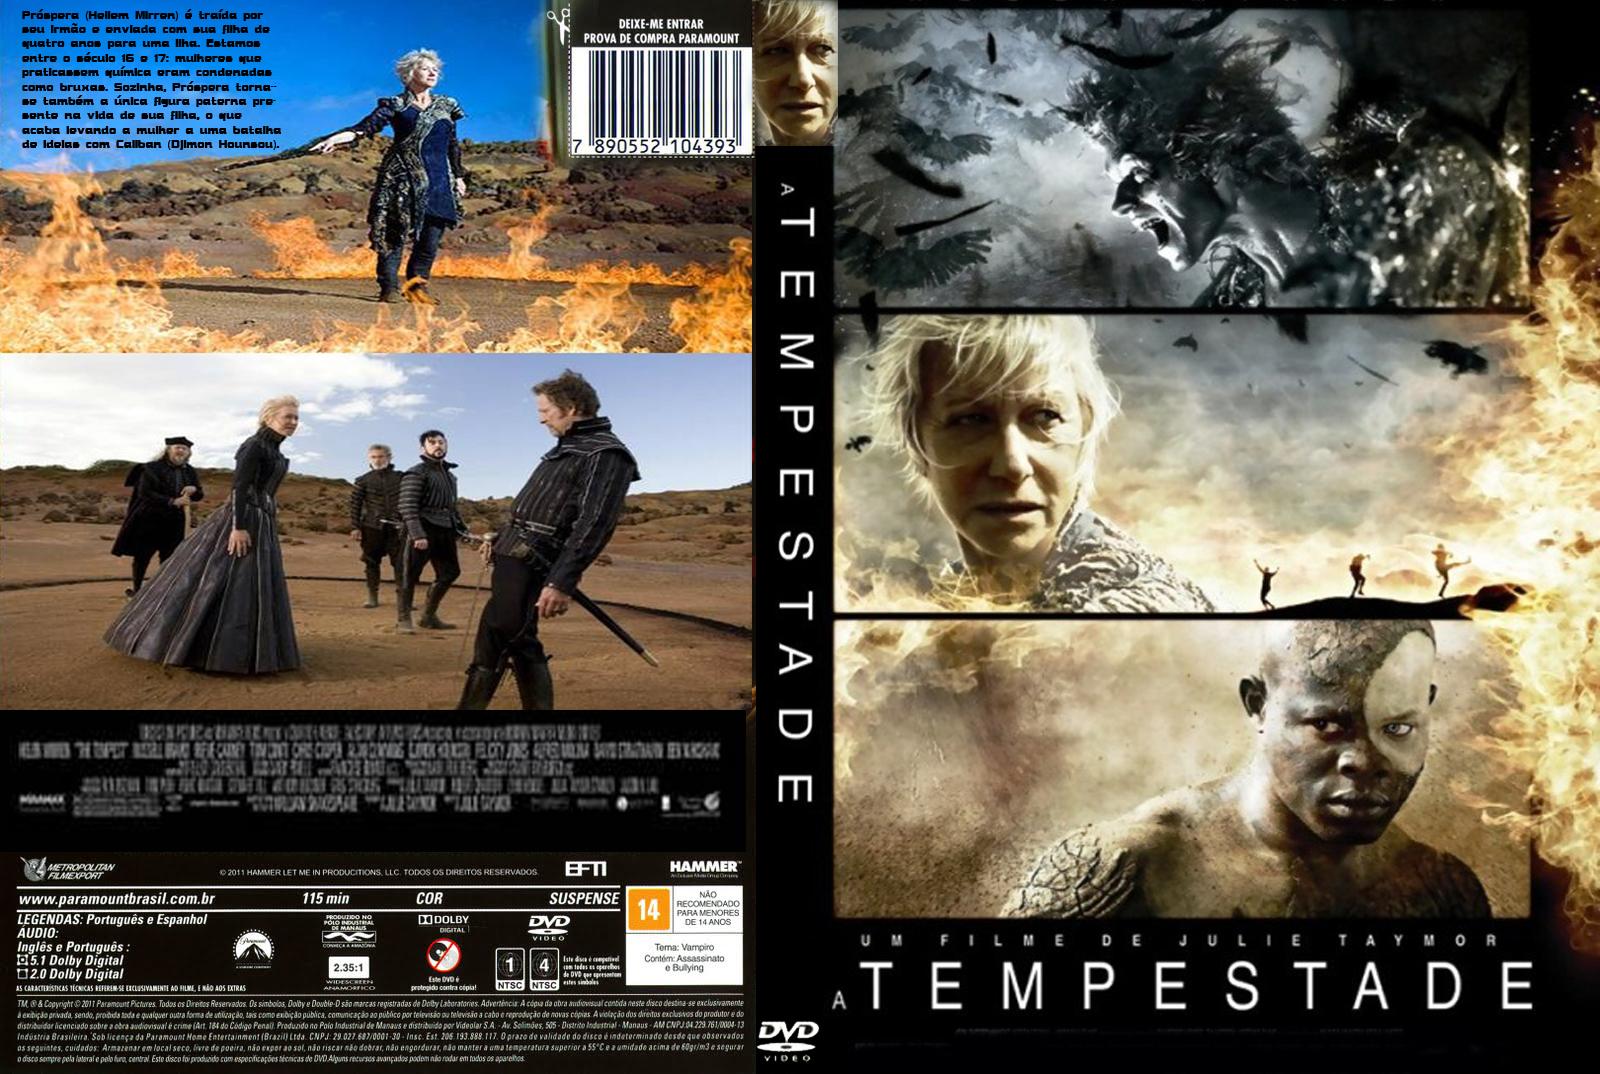 BAIXAR FILME A TEMPESTADE DUBLADO LANÇAMENTO 2011+ capa do